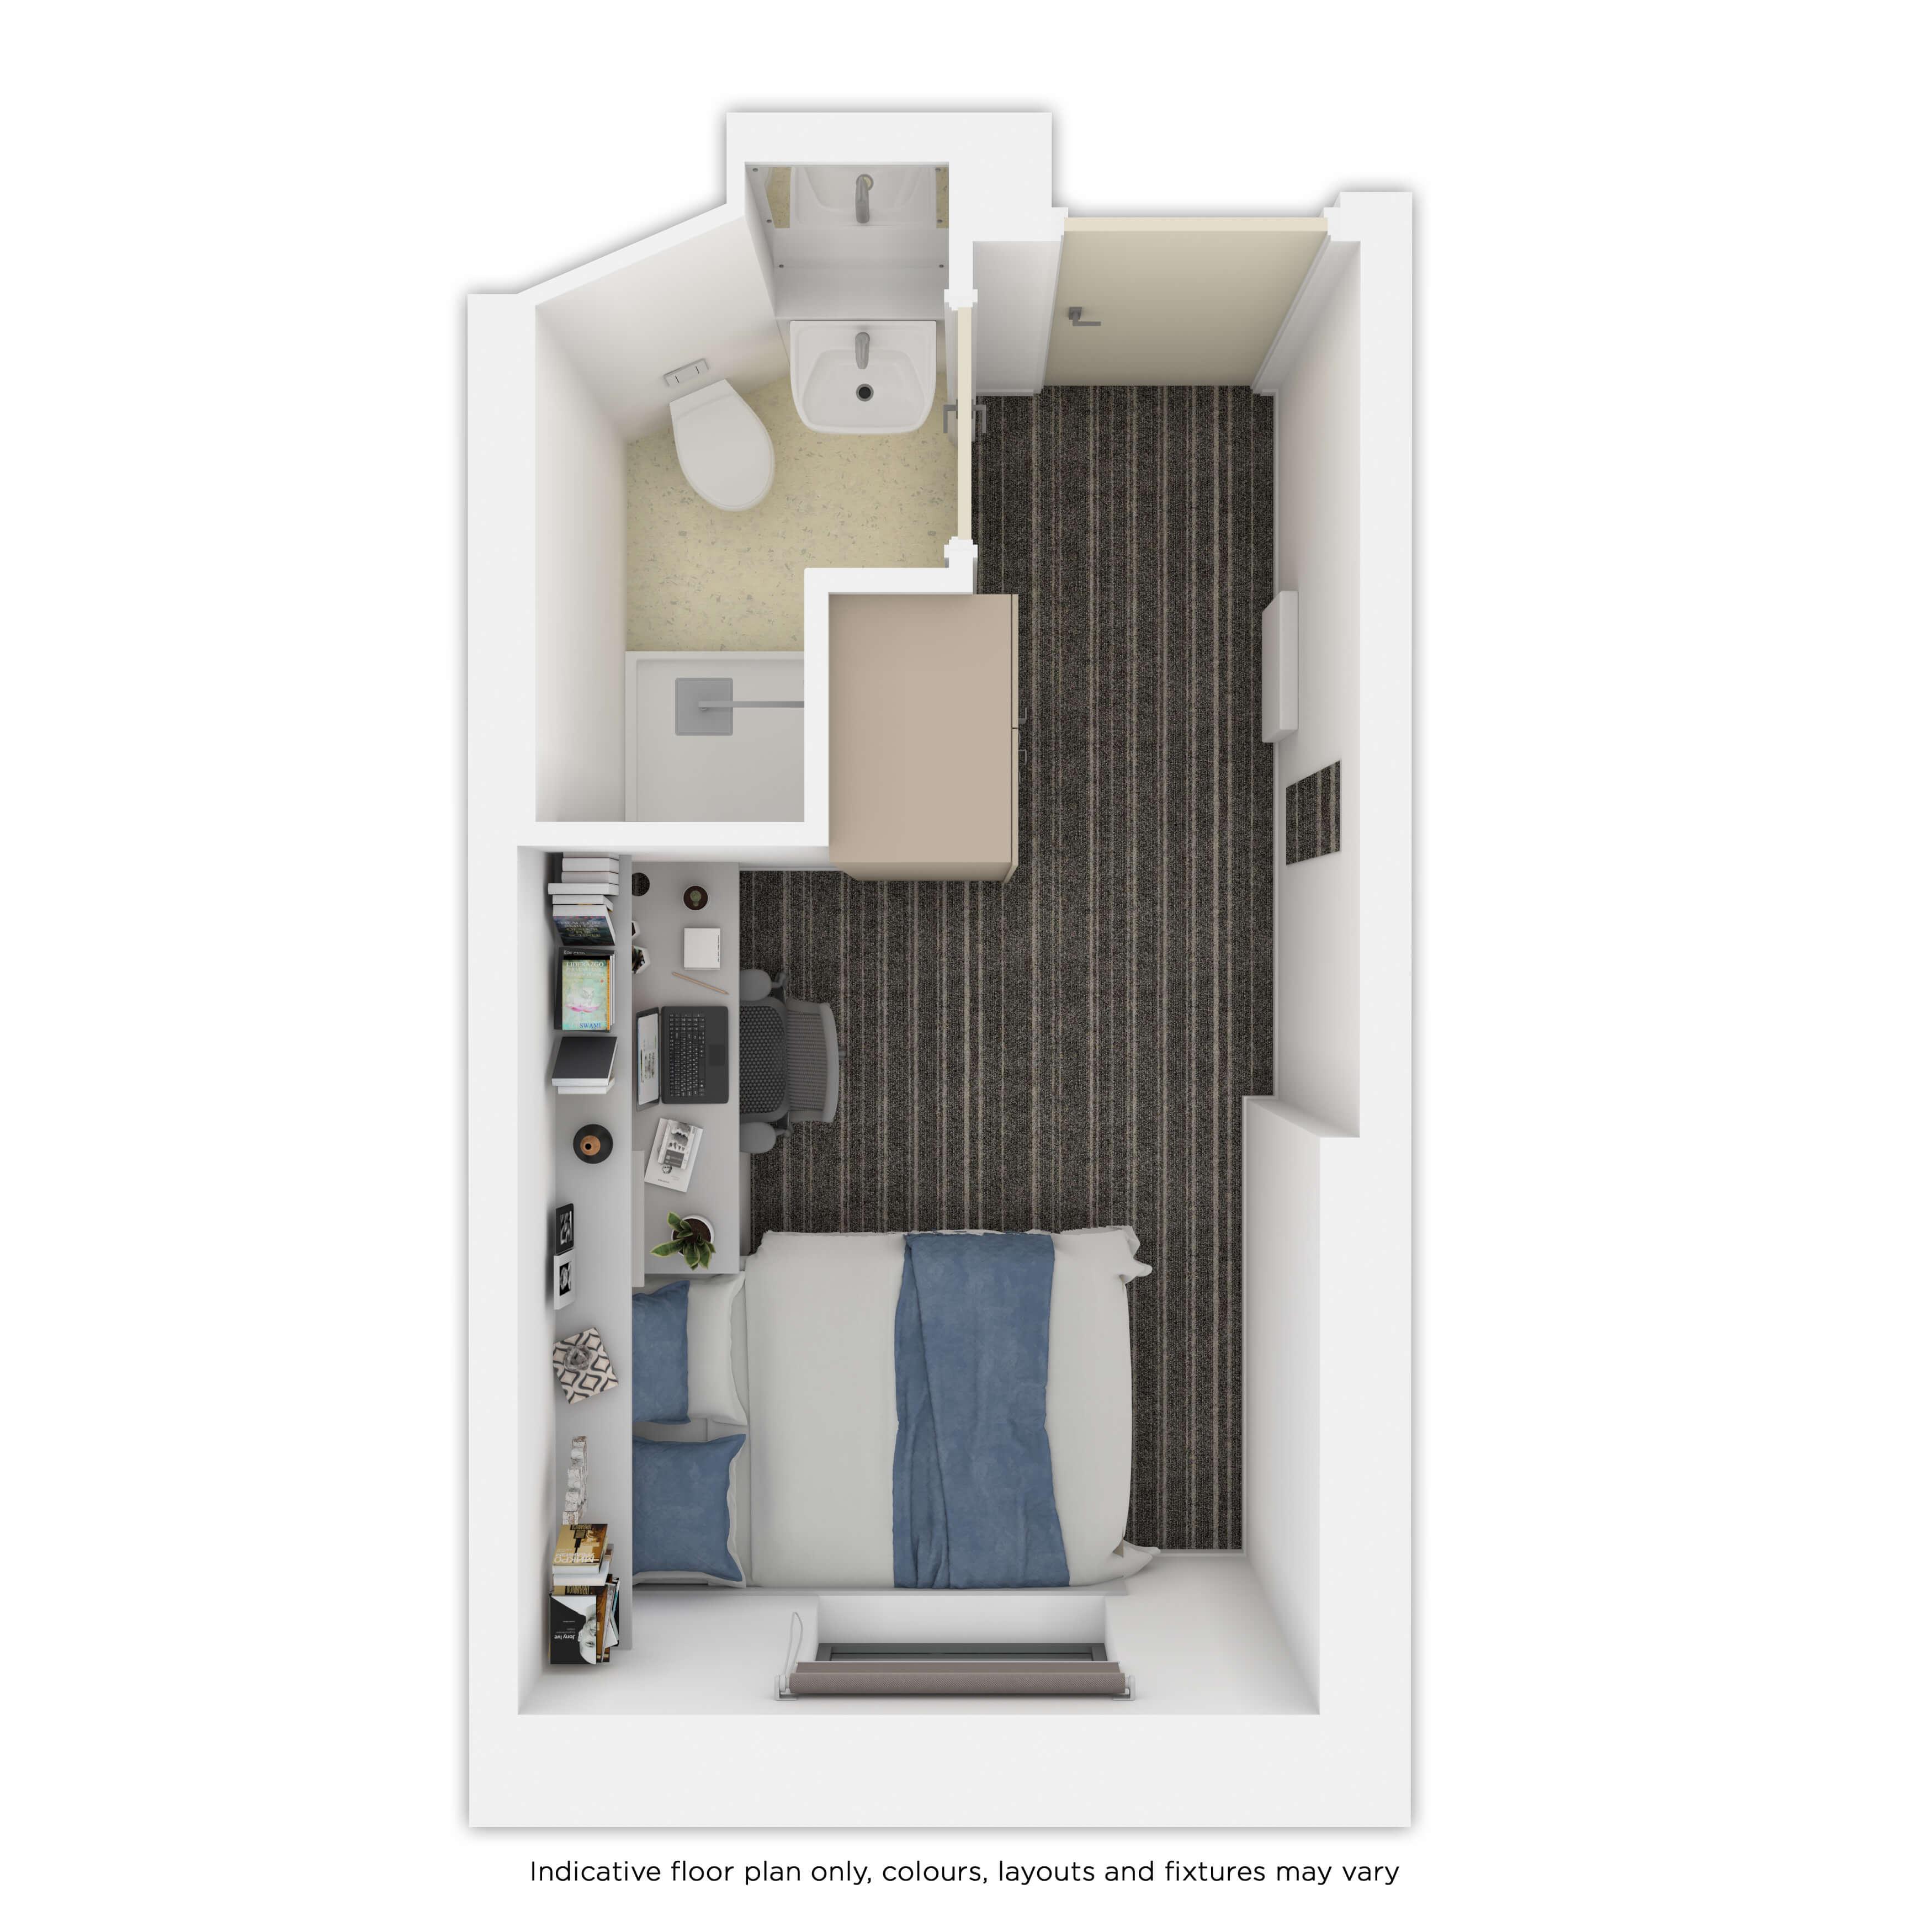 Indicative ensuite room floor plan